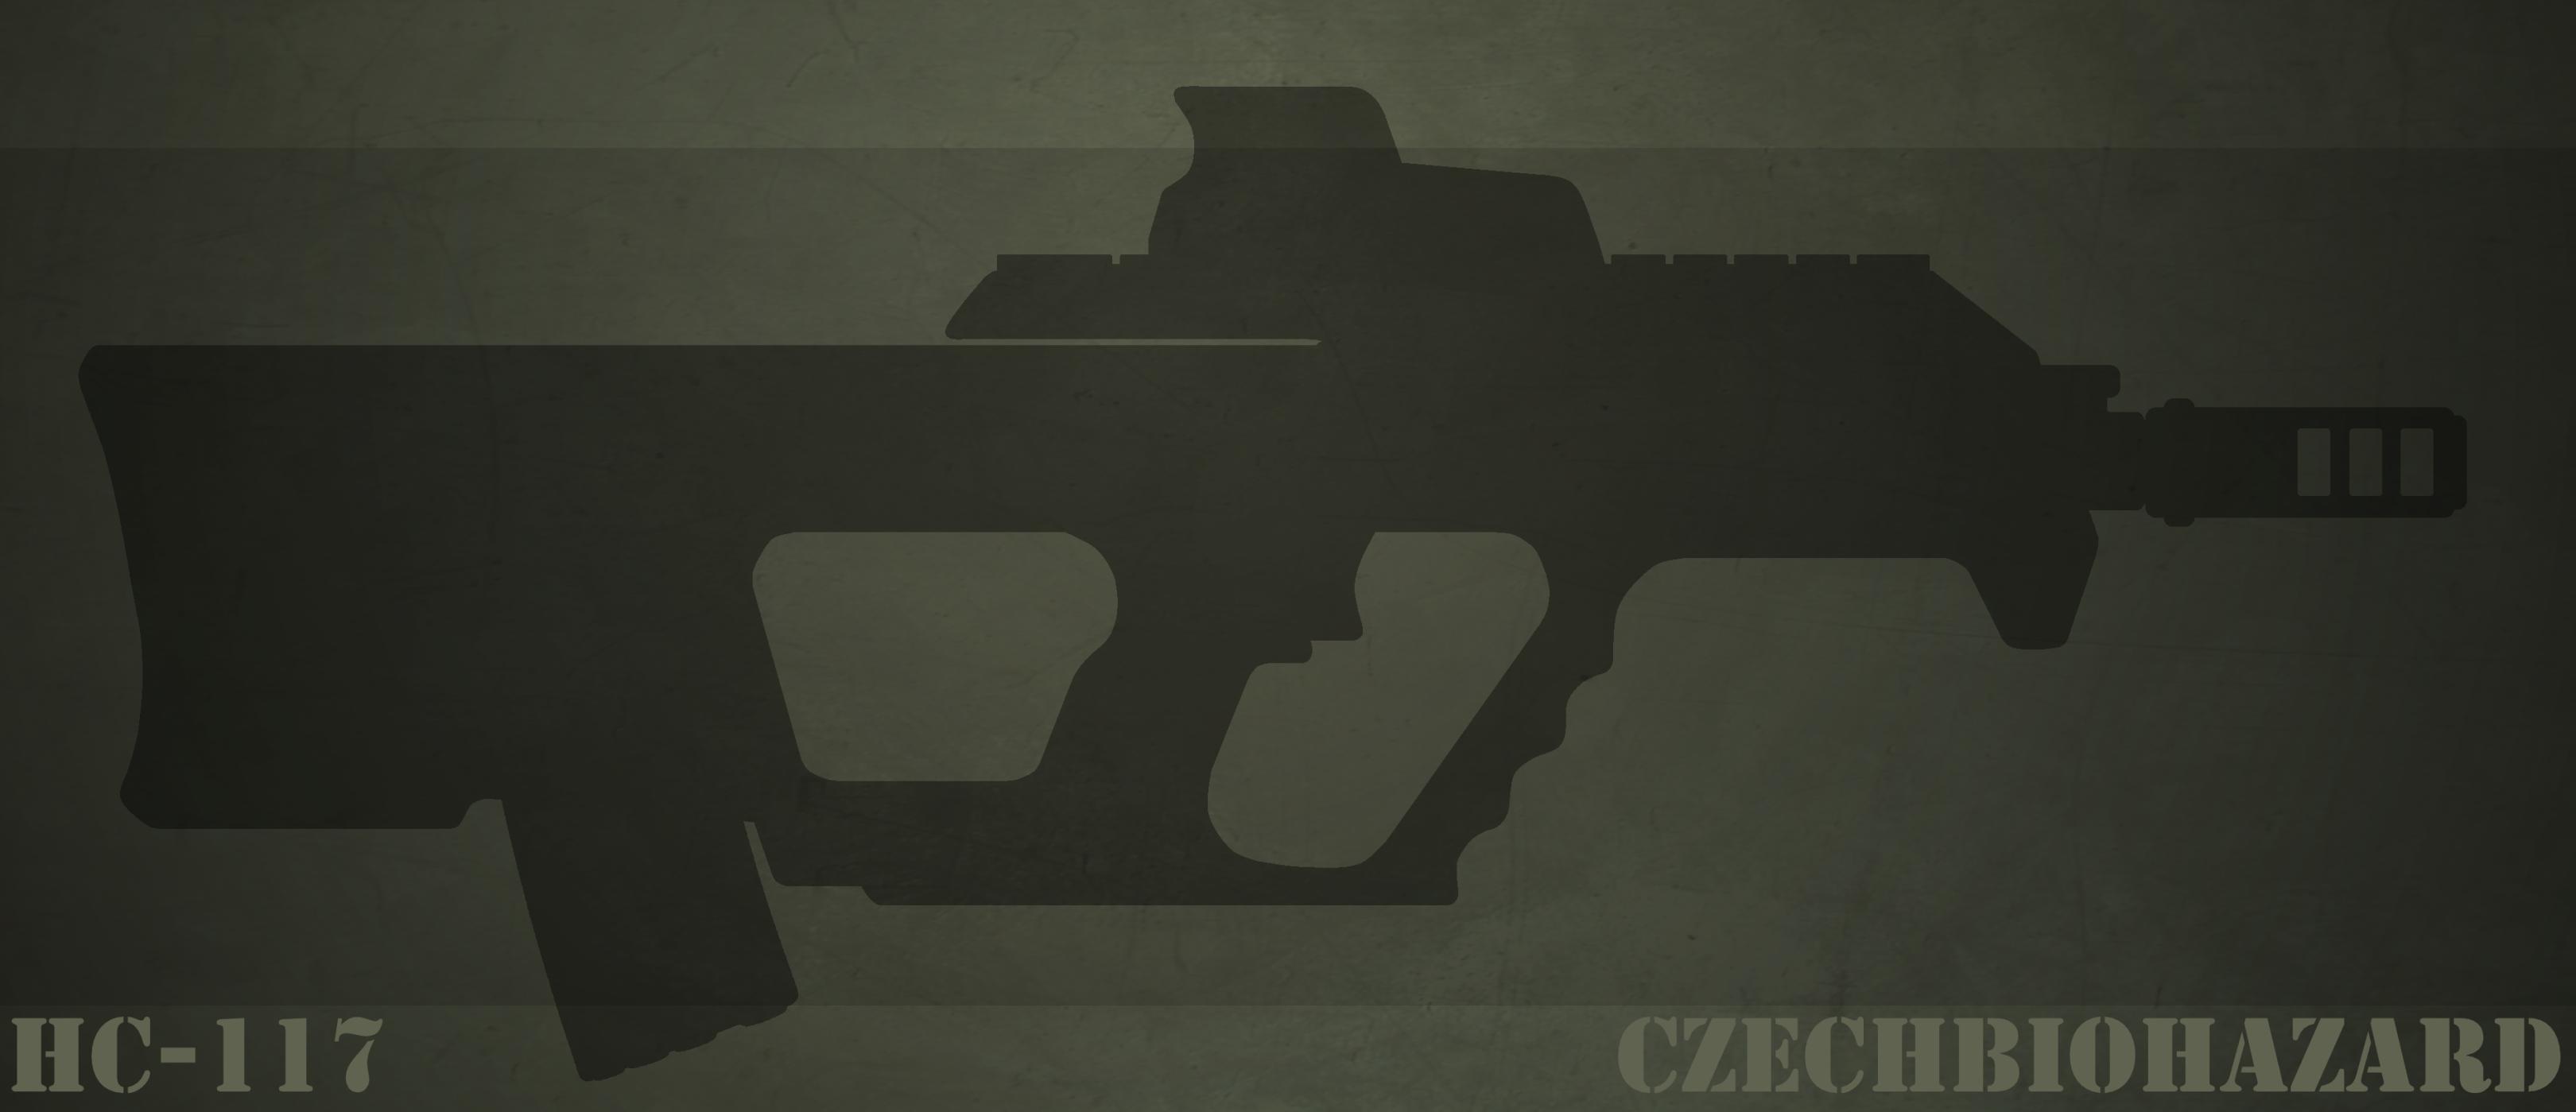 HC-117 Wallpaper by CzechBiohazard